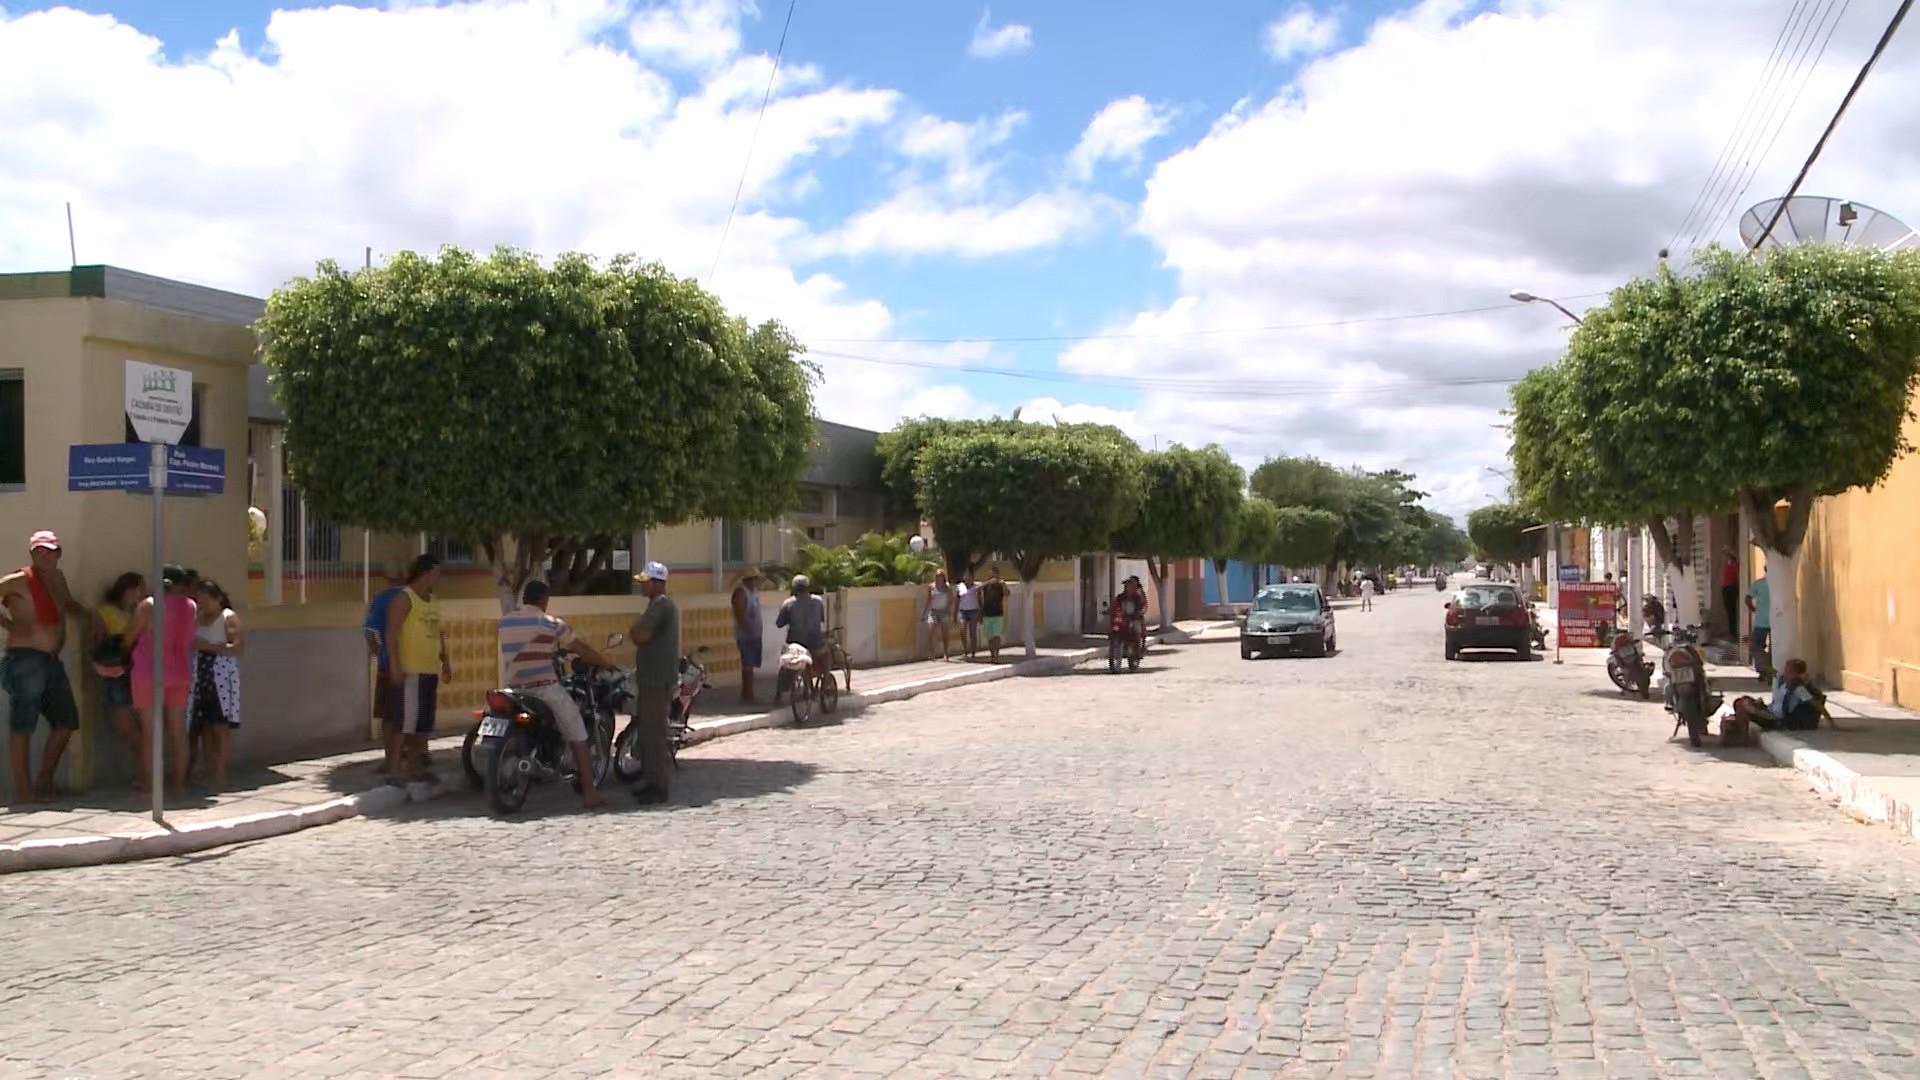 Homem é morto a tiros em Cacimba de Dentro, PB; esposa acusa pais pela morte - Radio Evangelho Gospel